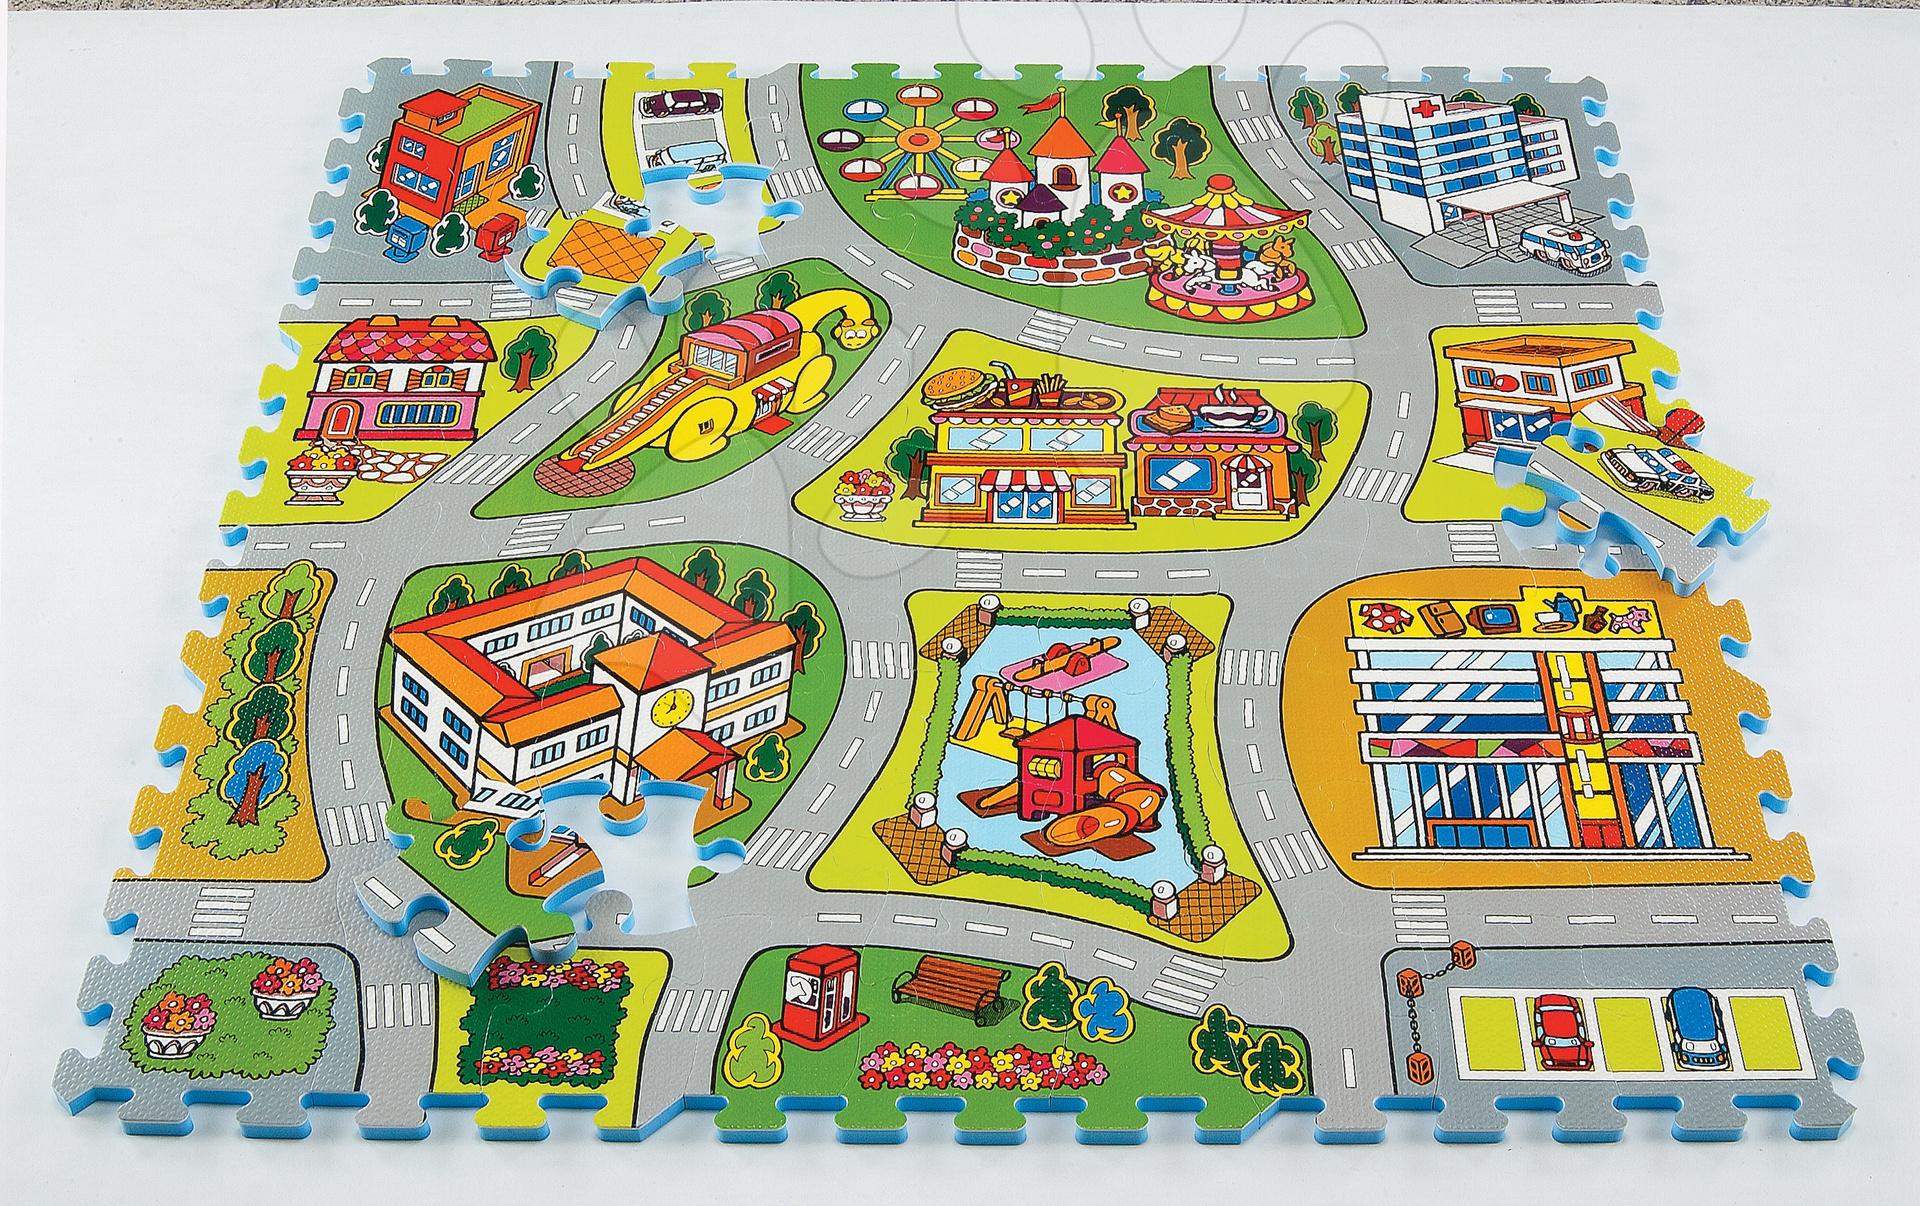 Penové puzzle City Map - Mapa mesta Lee 81 dielov 92*92*1,4 cm od 0 mes